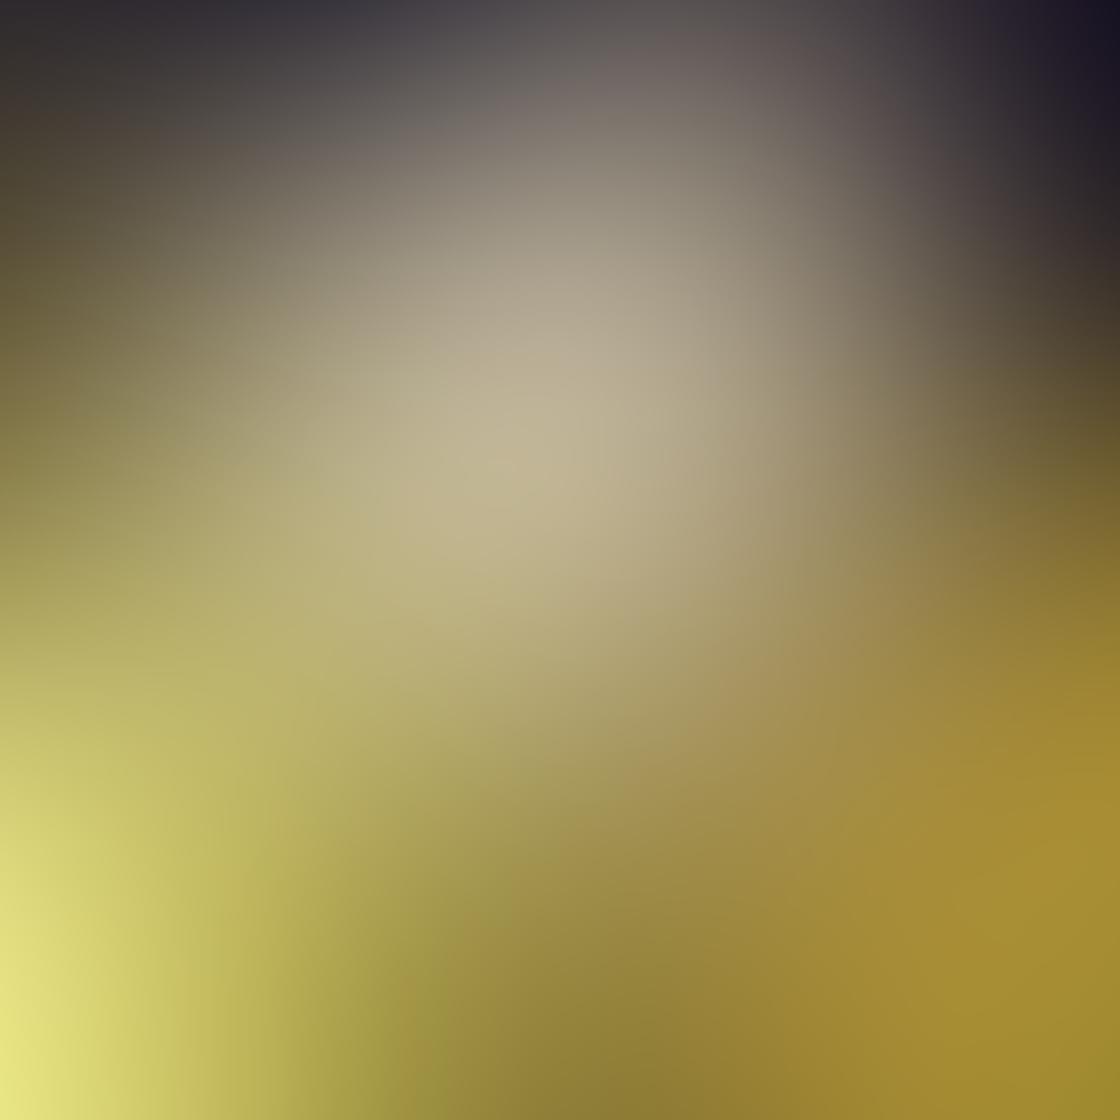 iPhone Photos Texture 65